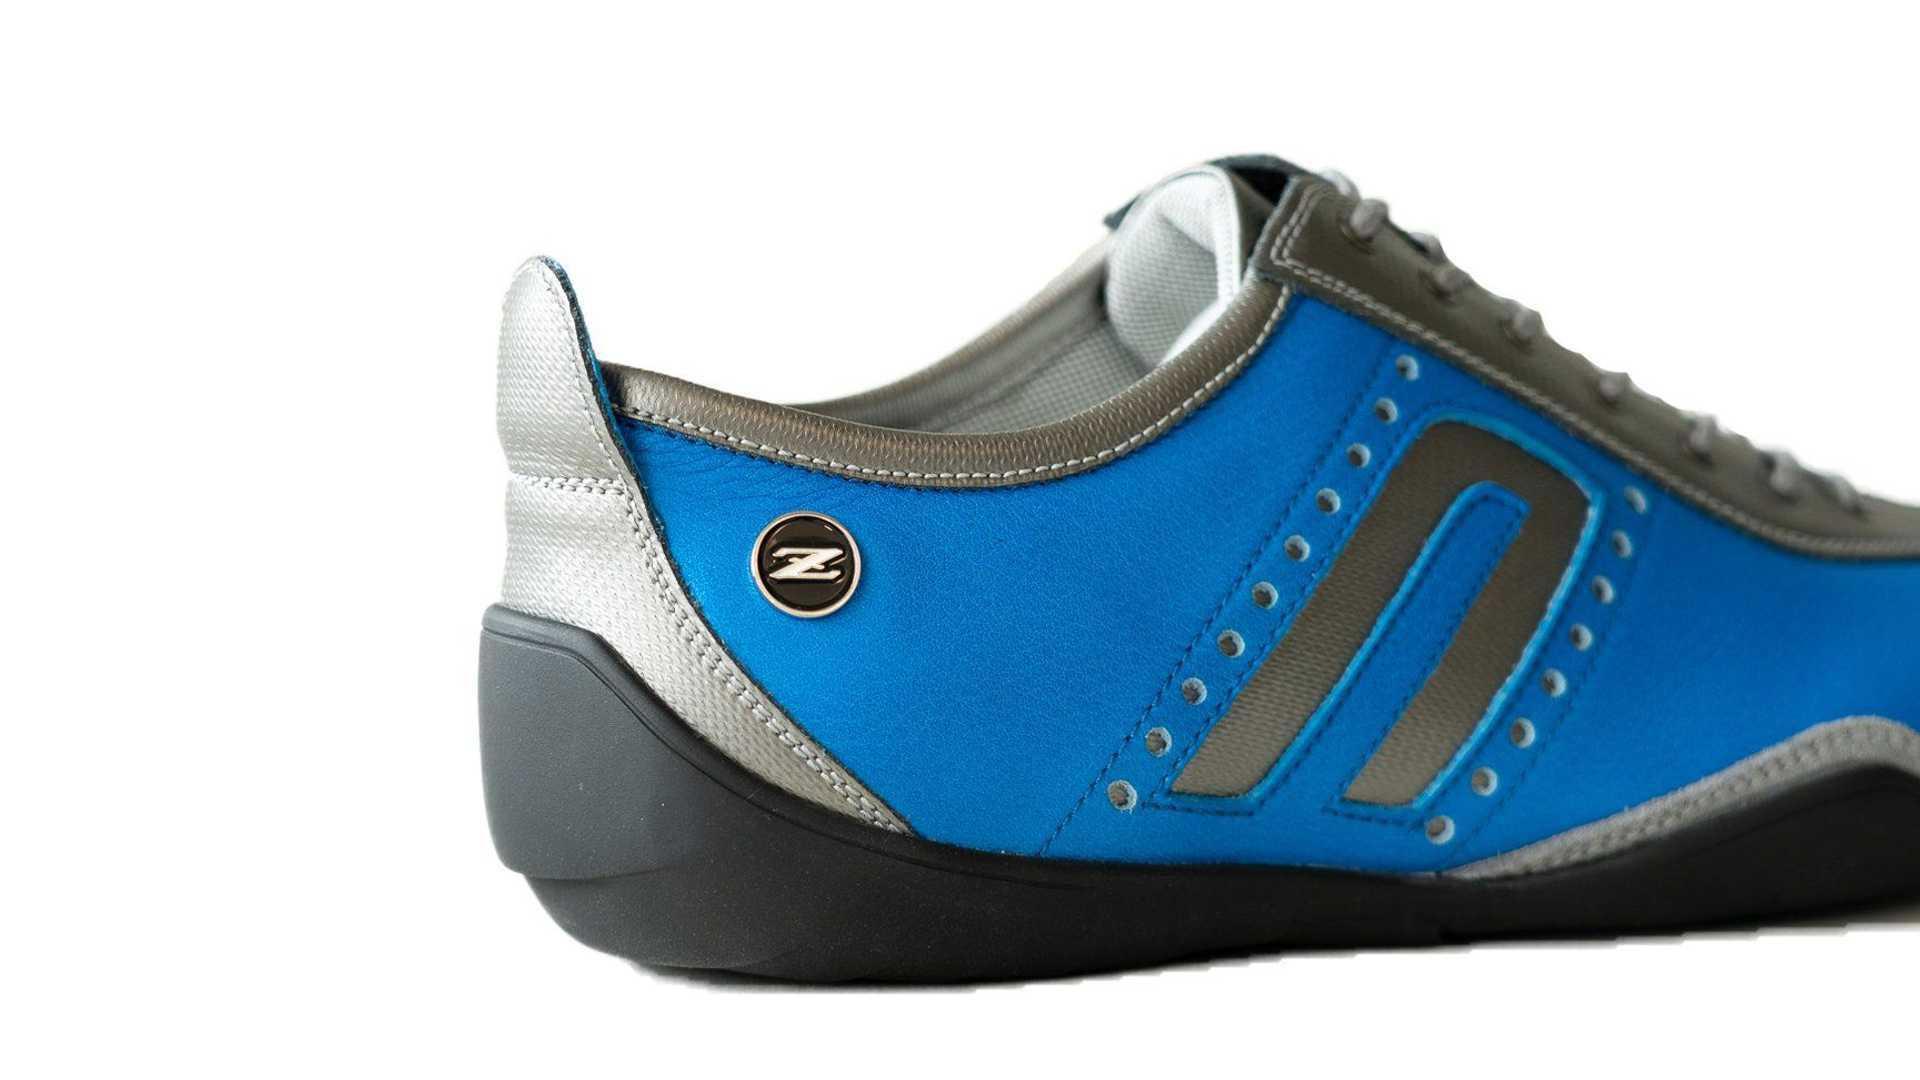 Negroni_Idea_Corsa-Nissan_Z_Shoes-0002